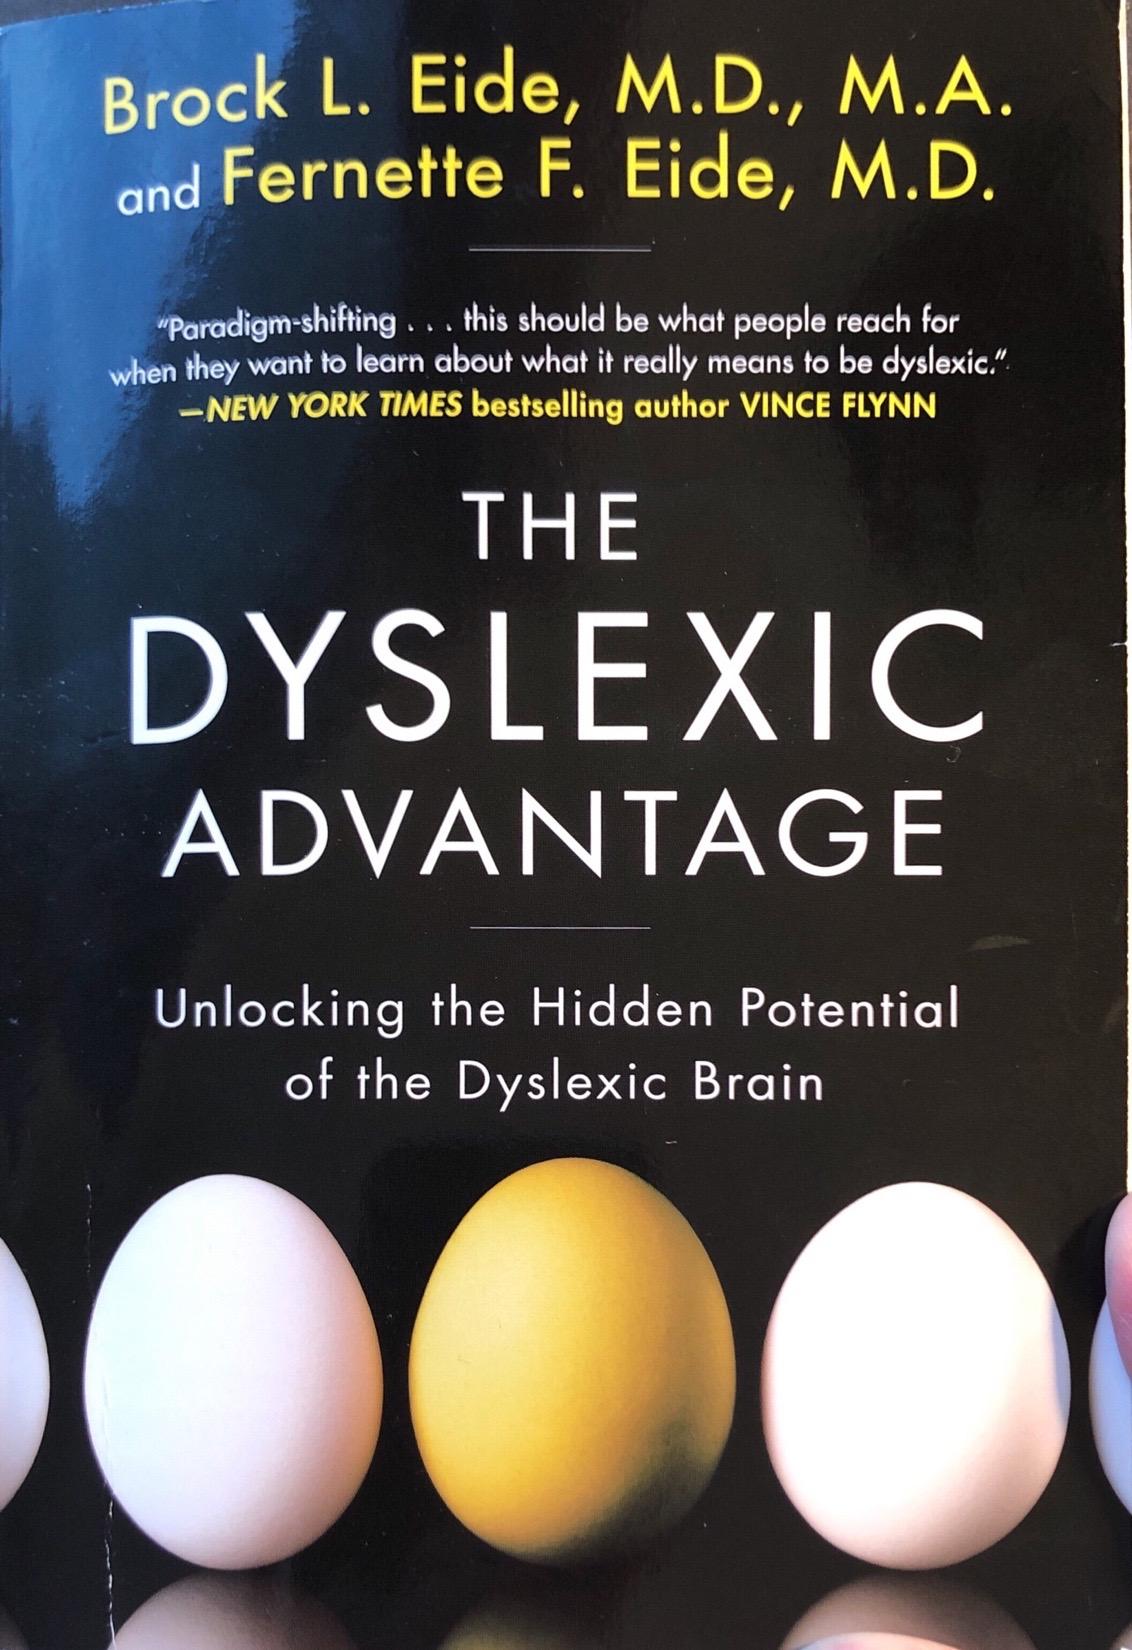 The Dyslexia Advantace pg 174 (dragged).jpg